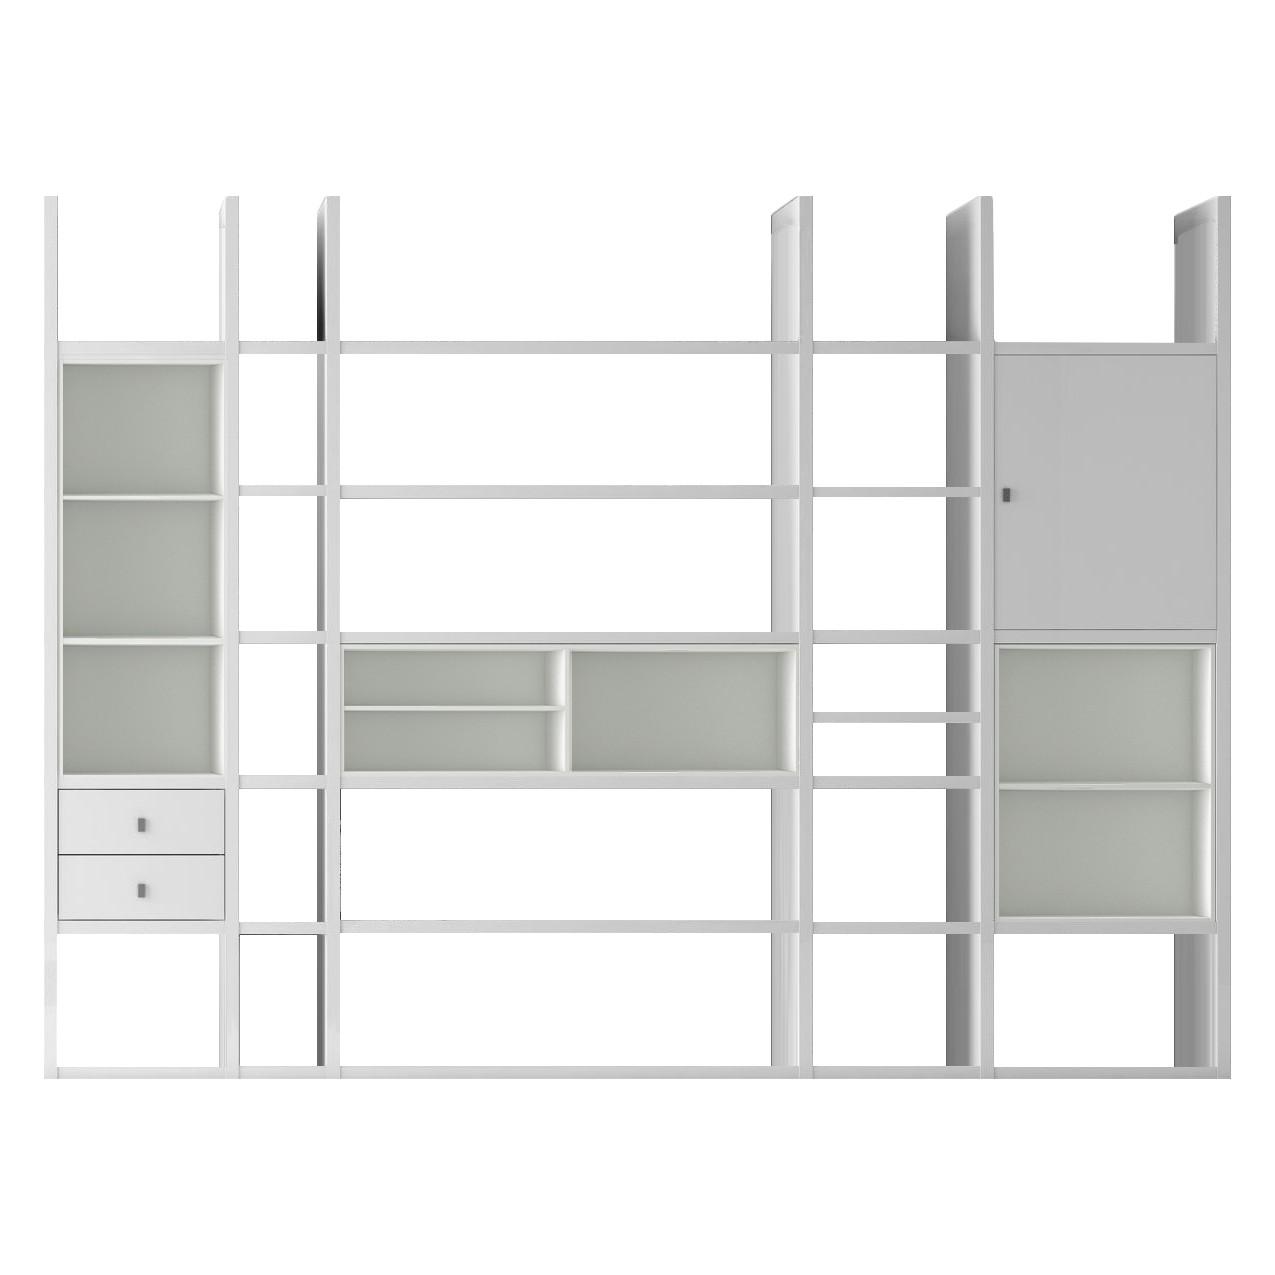 XXL Regalwand Emporior VI - Ohne Beleuchtung - Weiß, loftscape